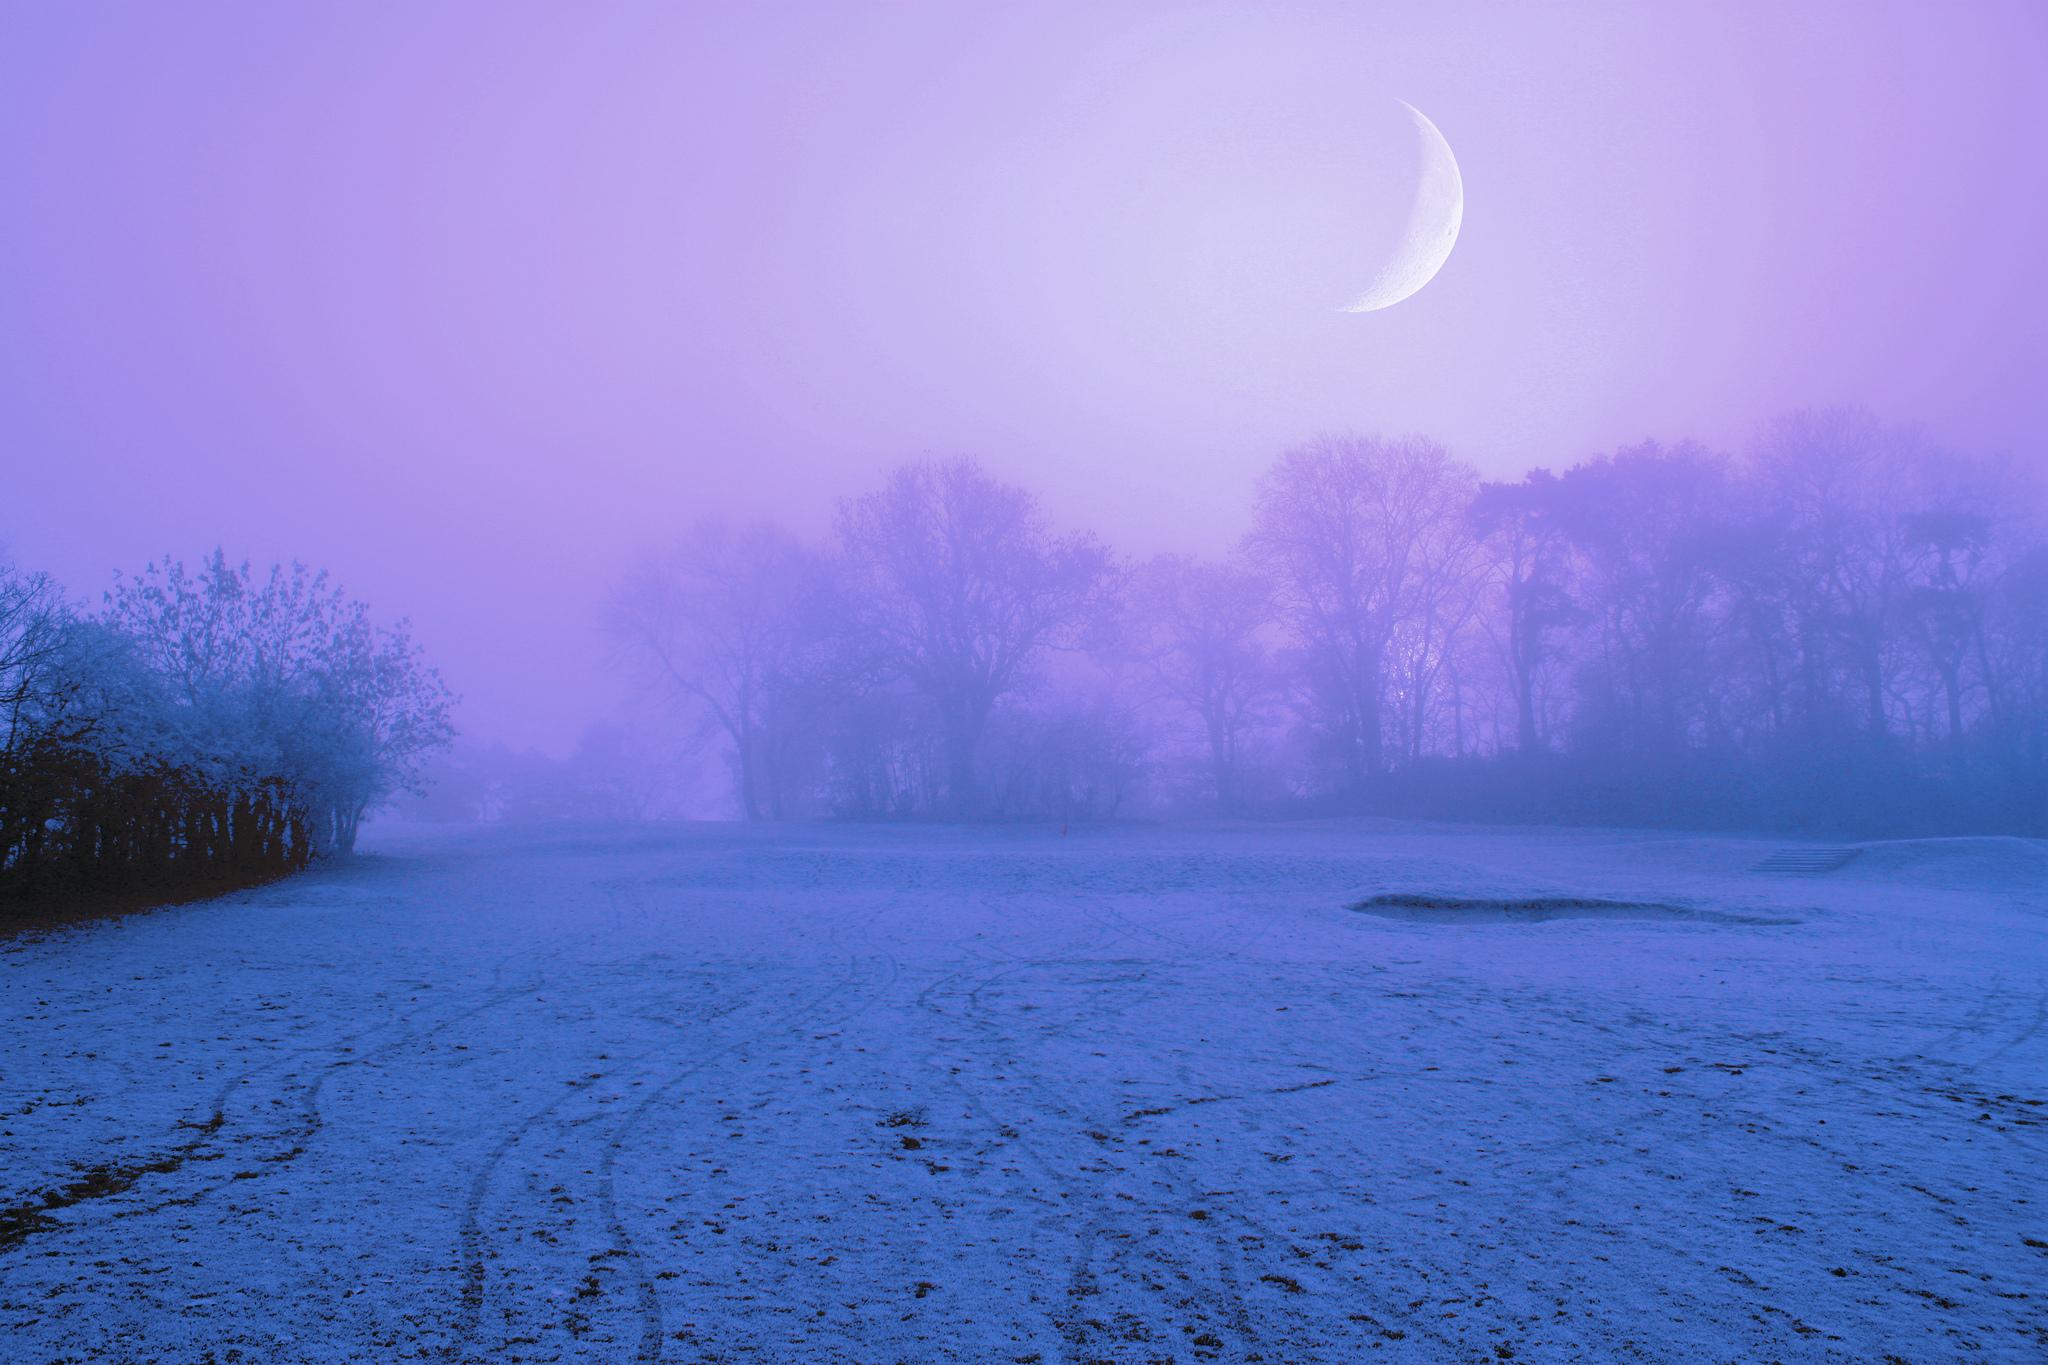 Snowy Moonlight Wallpaper